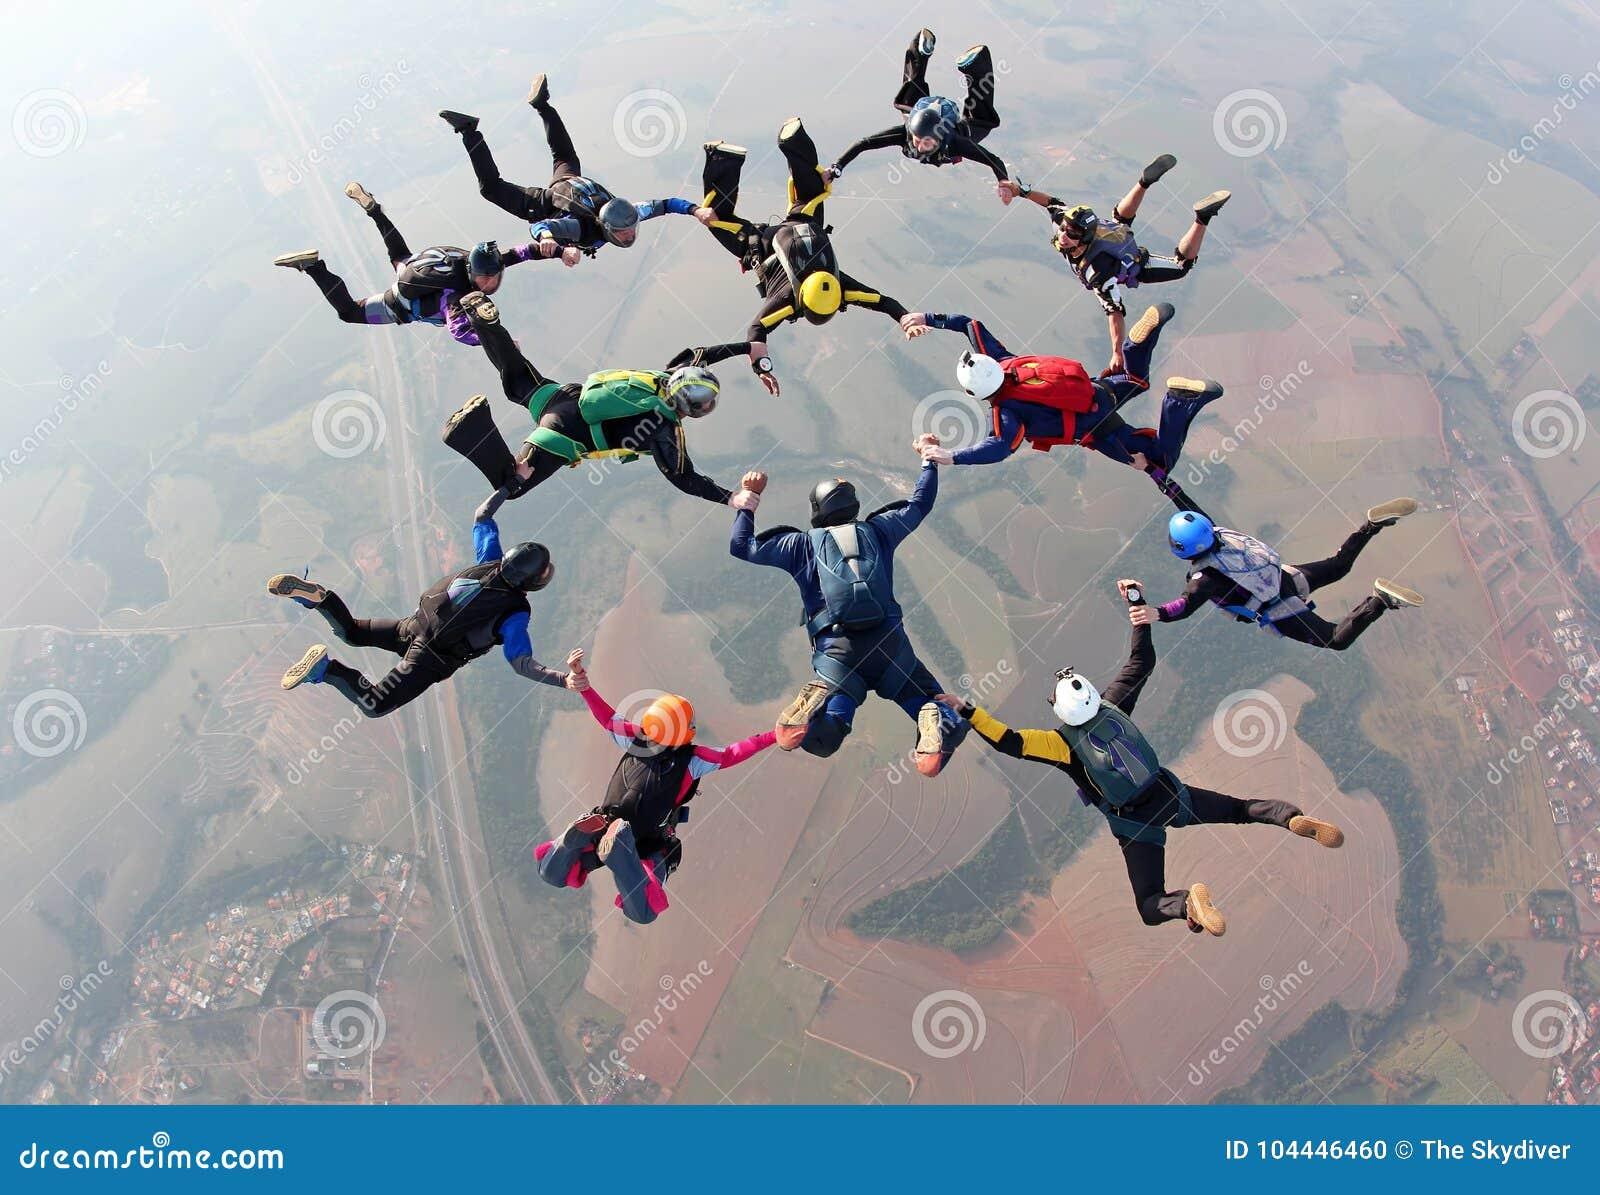 Skydiving accomplishment